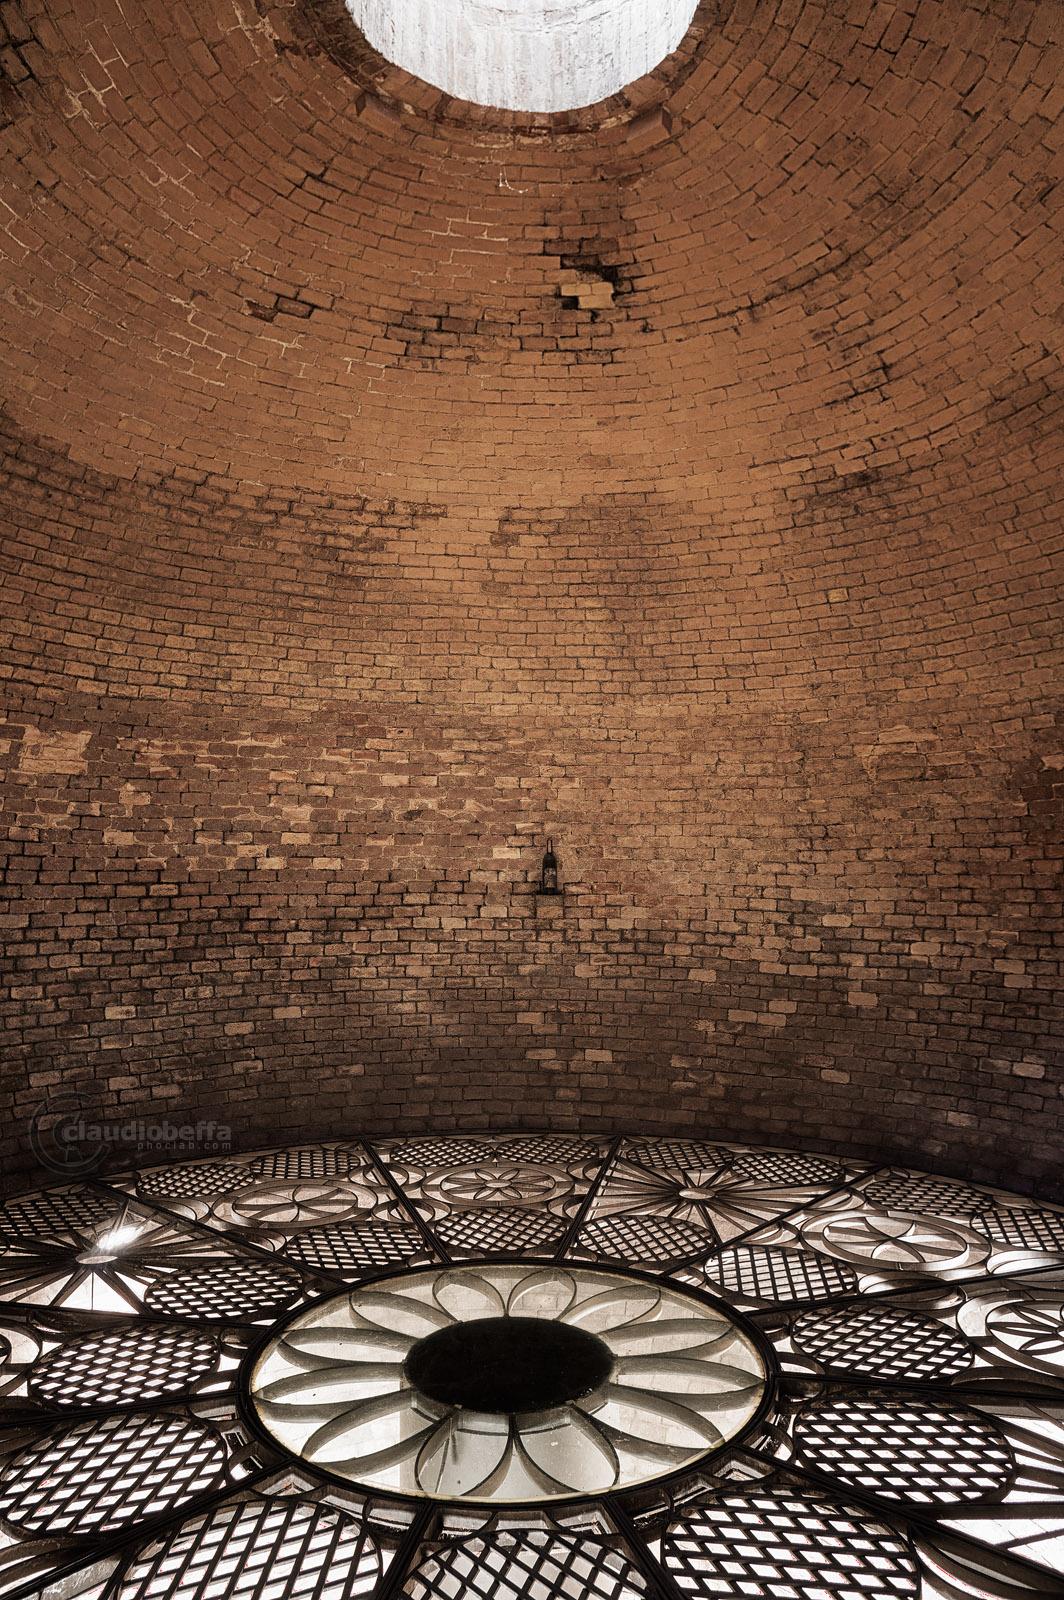 Cistern, Water, Solaria, Tuscany, Toscana, Val d'Orcia, Italy, Italia